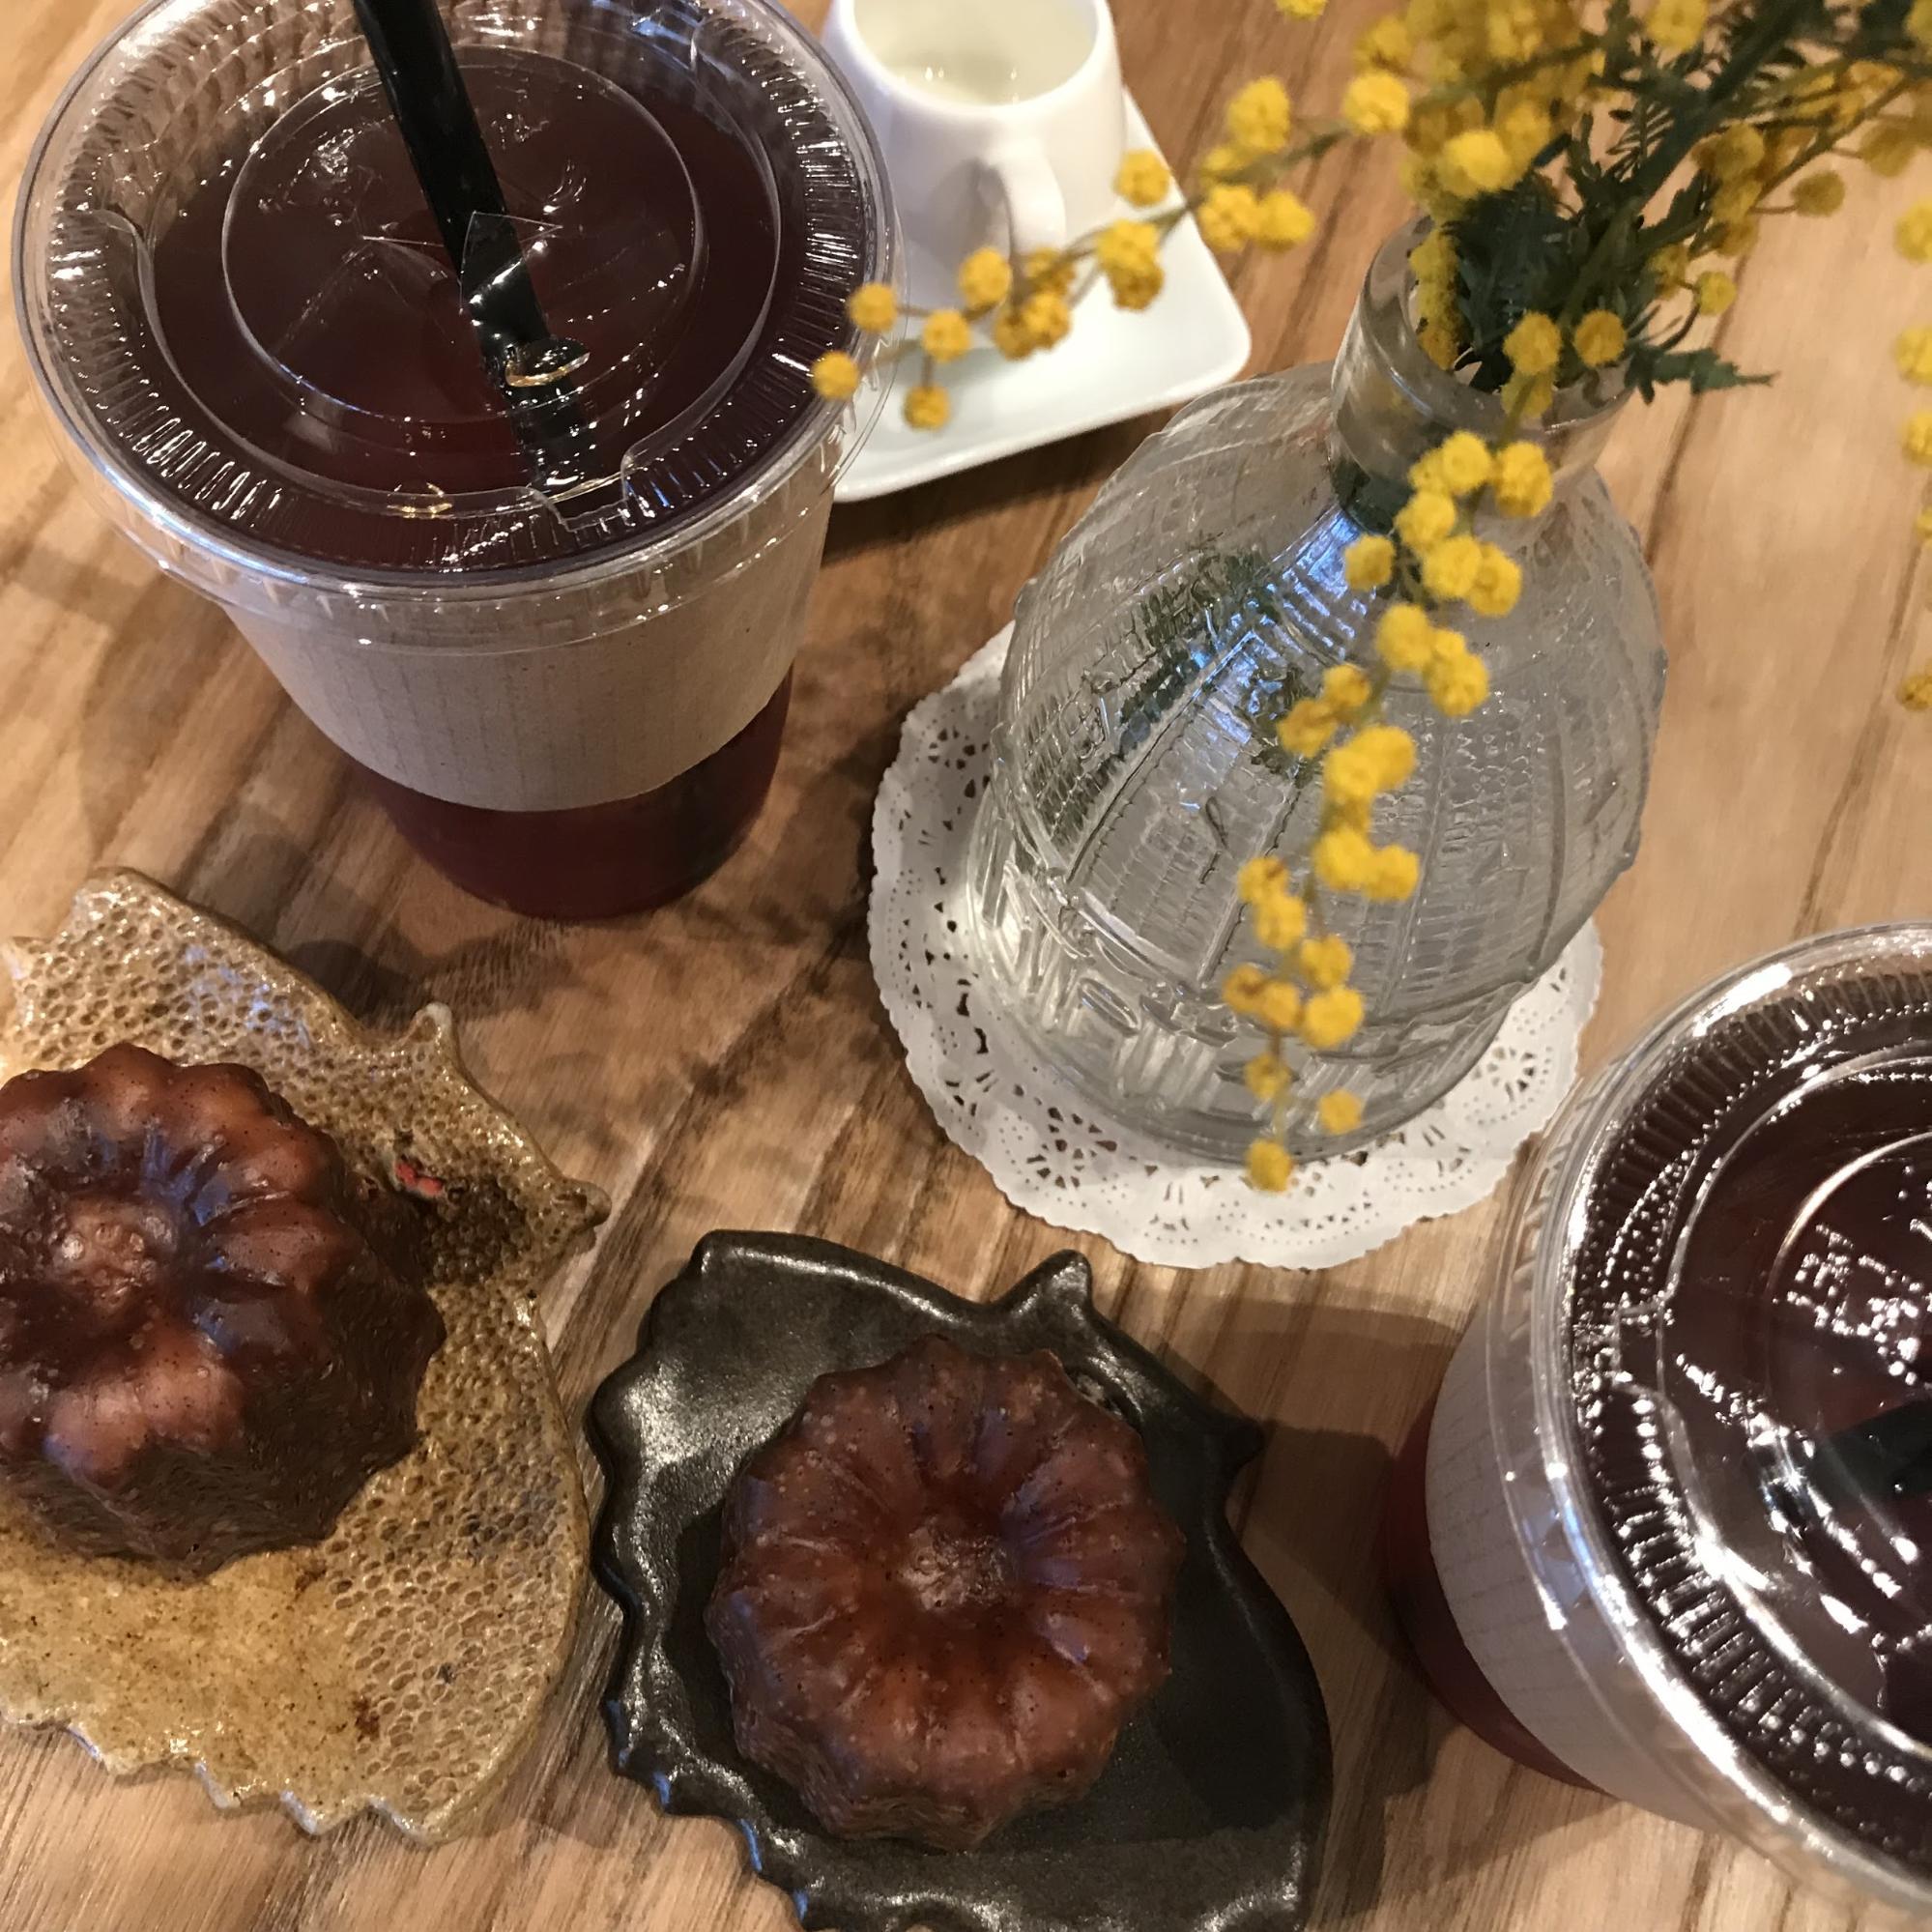 世界の郷土菓子が楽しめるBinowa Cafe